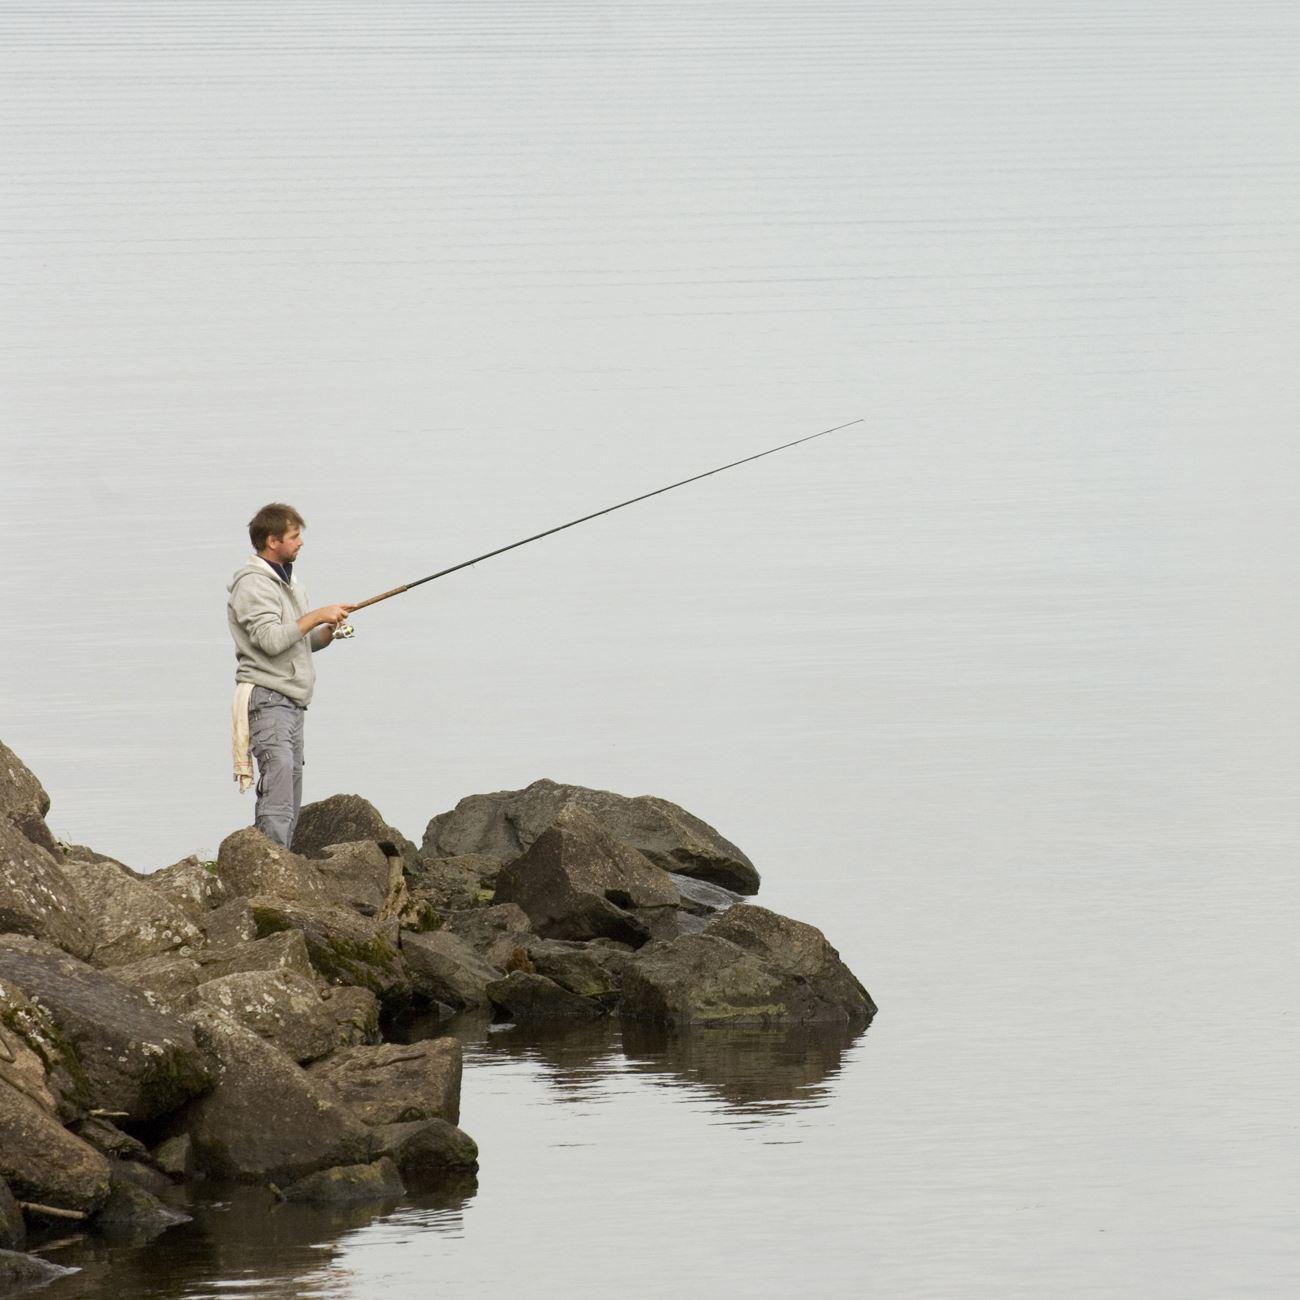 Foto: Smålandsbilder.se,  © Värnamo Näringsliv AB , Fiske i Herrestadssjön och Nästasjön